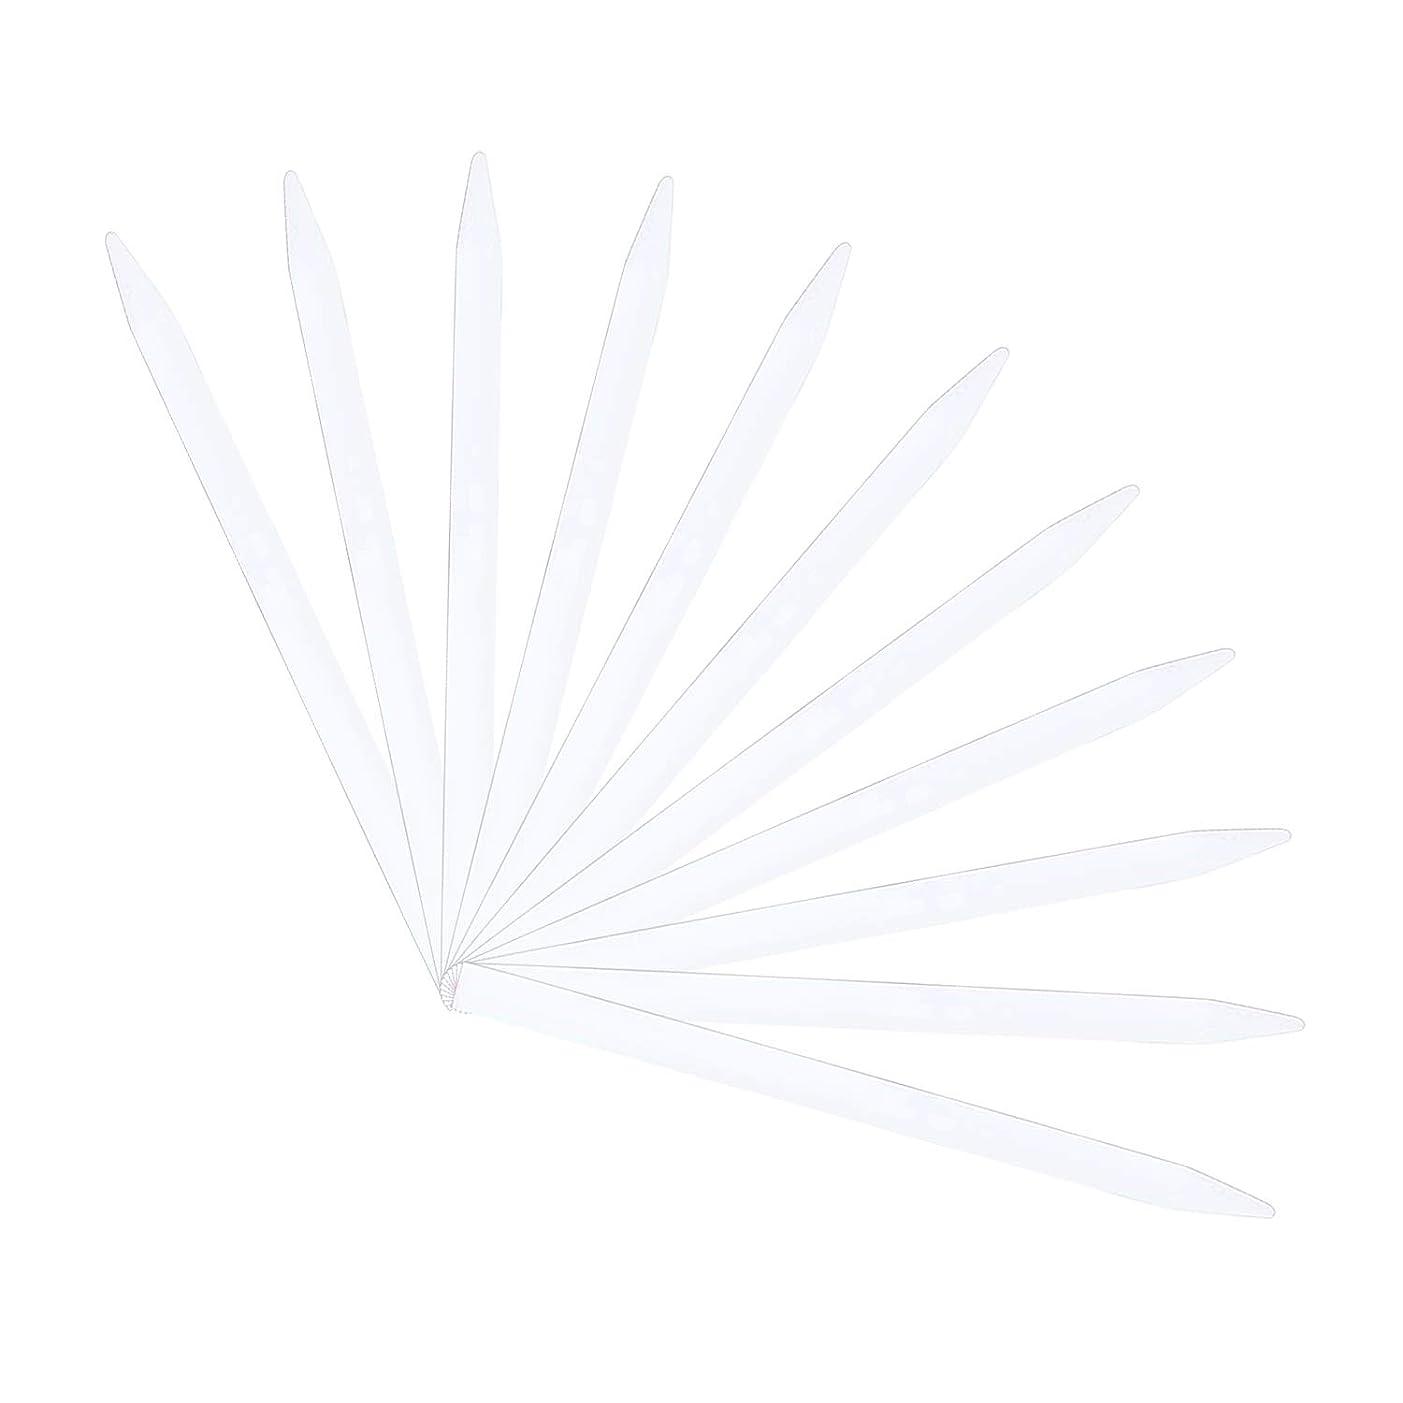 平衡ビジネス同僚ストリップテスト Migavan テストストリップ 香りのアロマセラピーエッセンシャルオイルをテストするための100個の137×7ミリメートルの香水試験紙ストリップ